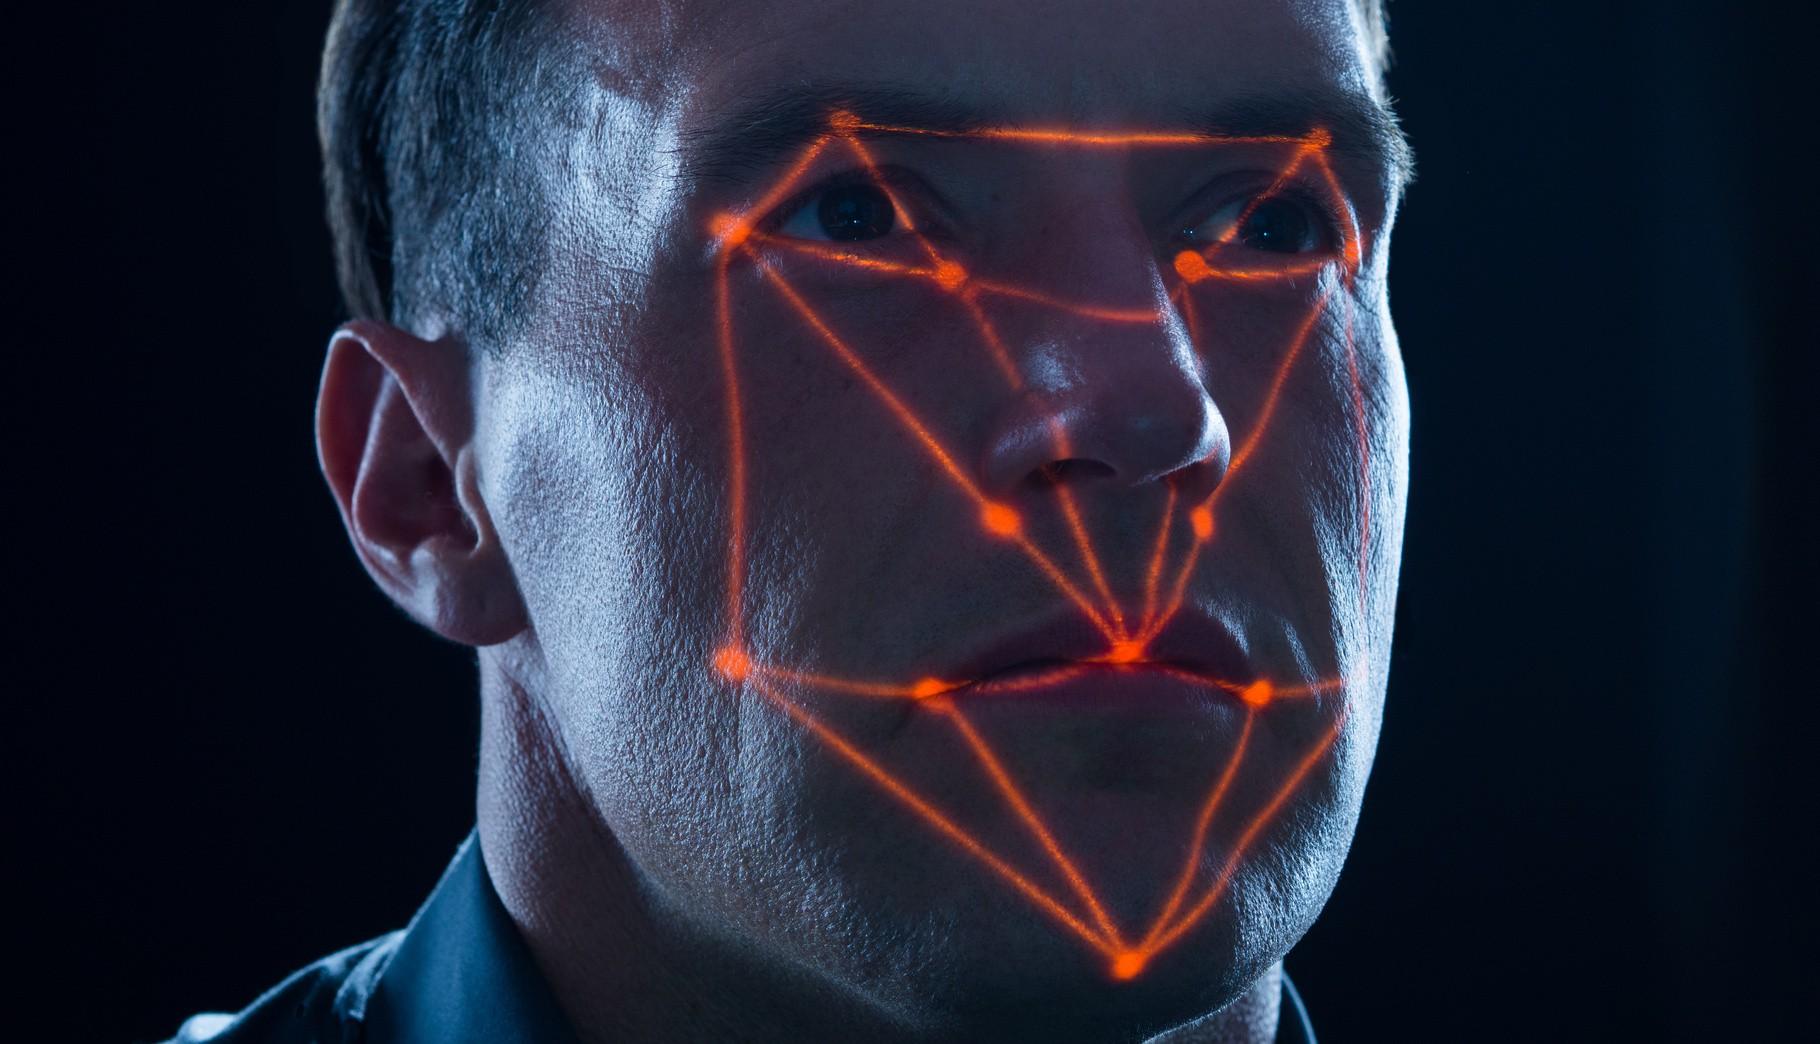 Gesichtserkennung Online